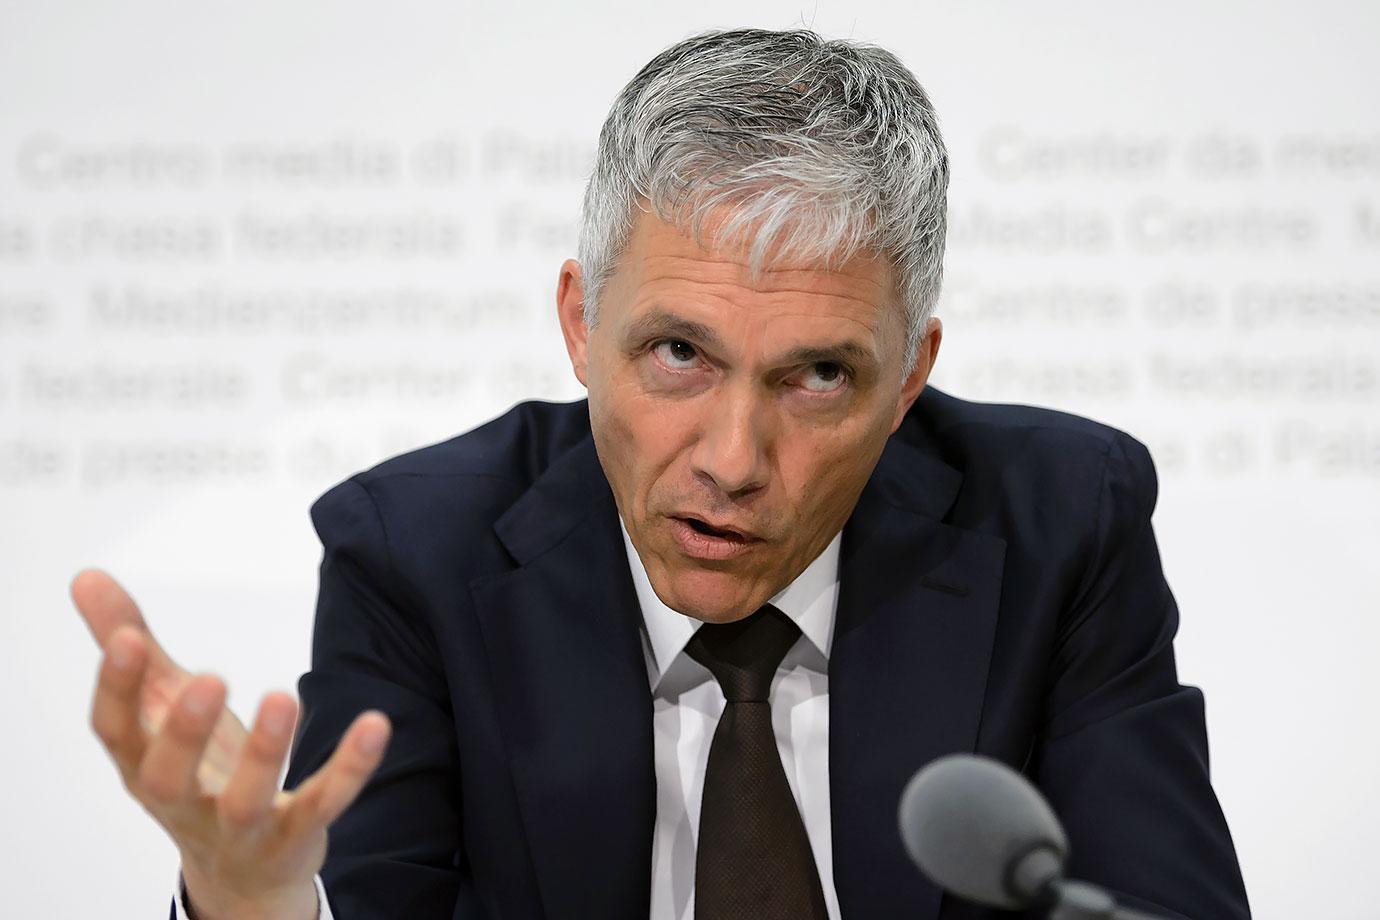 Switzerland Attorney General